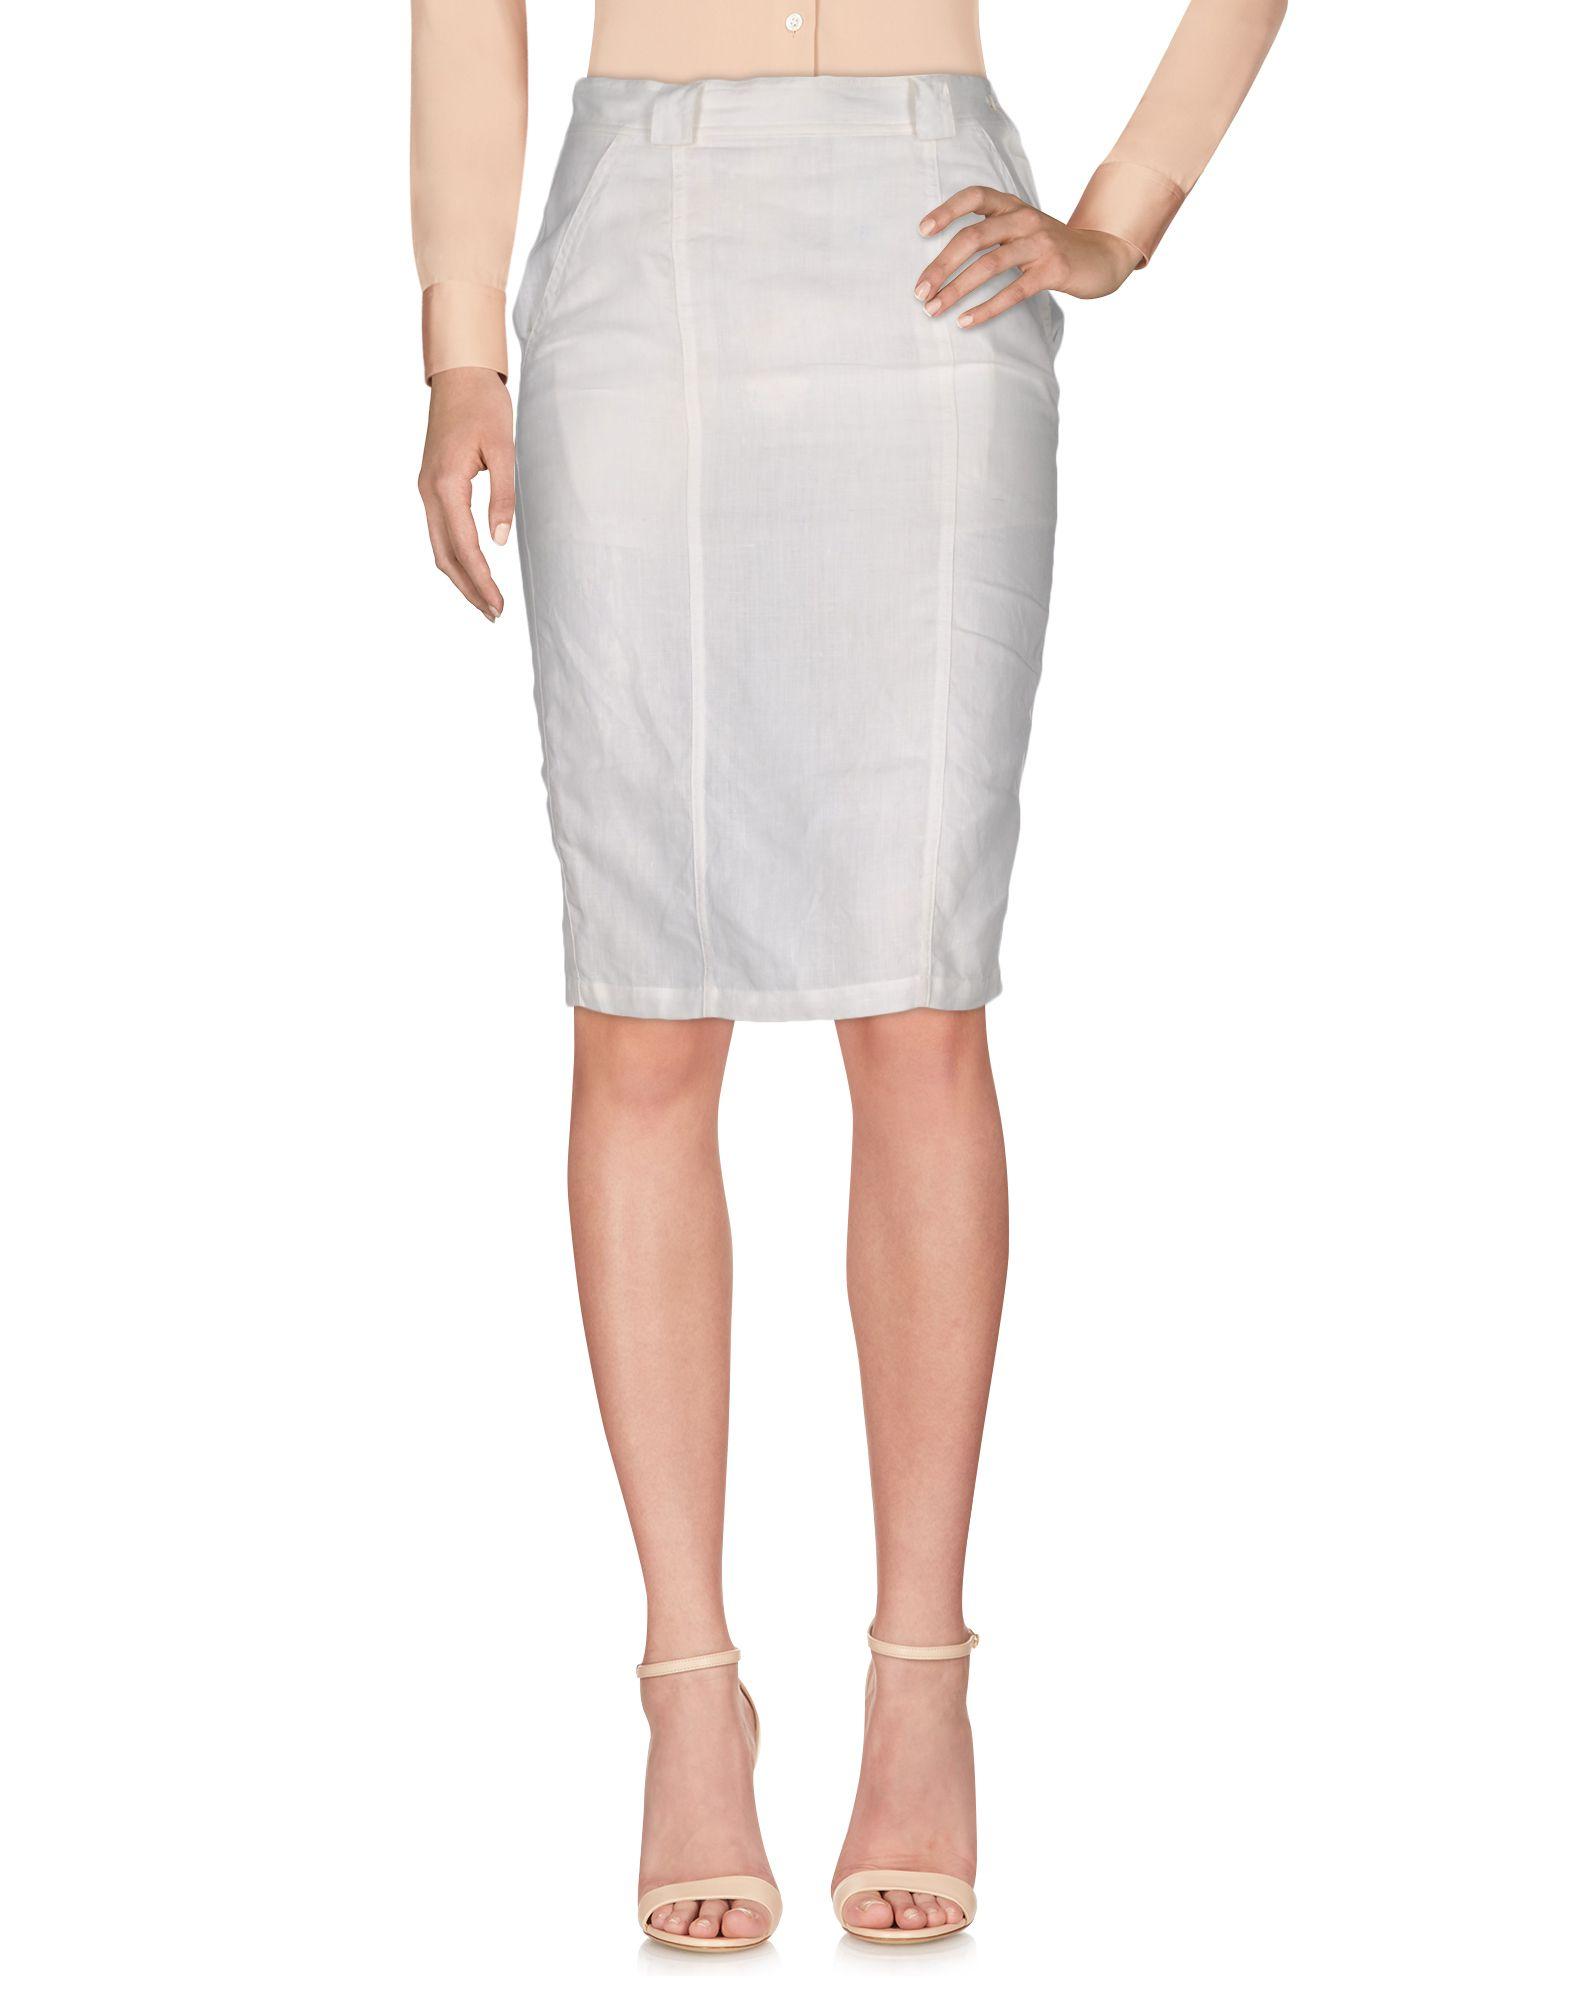 GIANNI VERSACE Knee Length Skirt in White